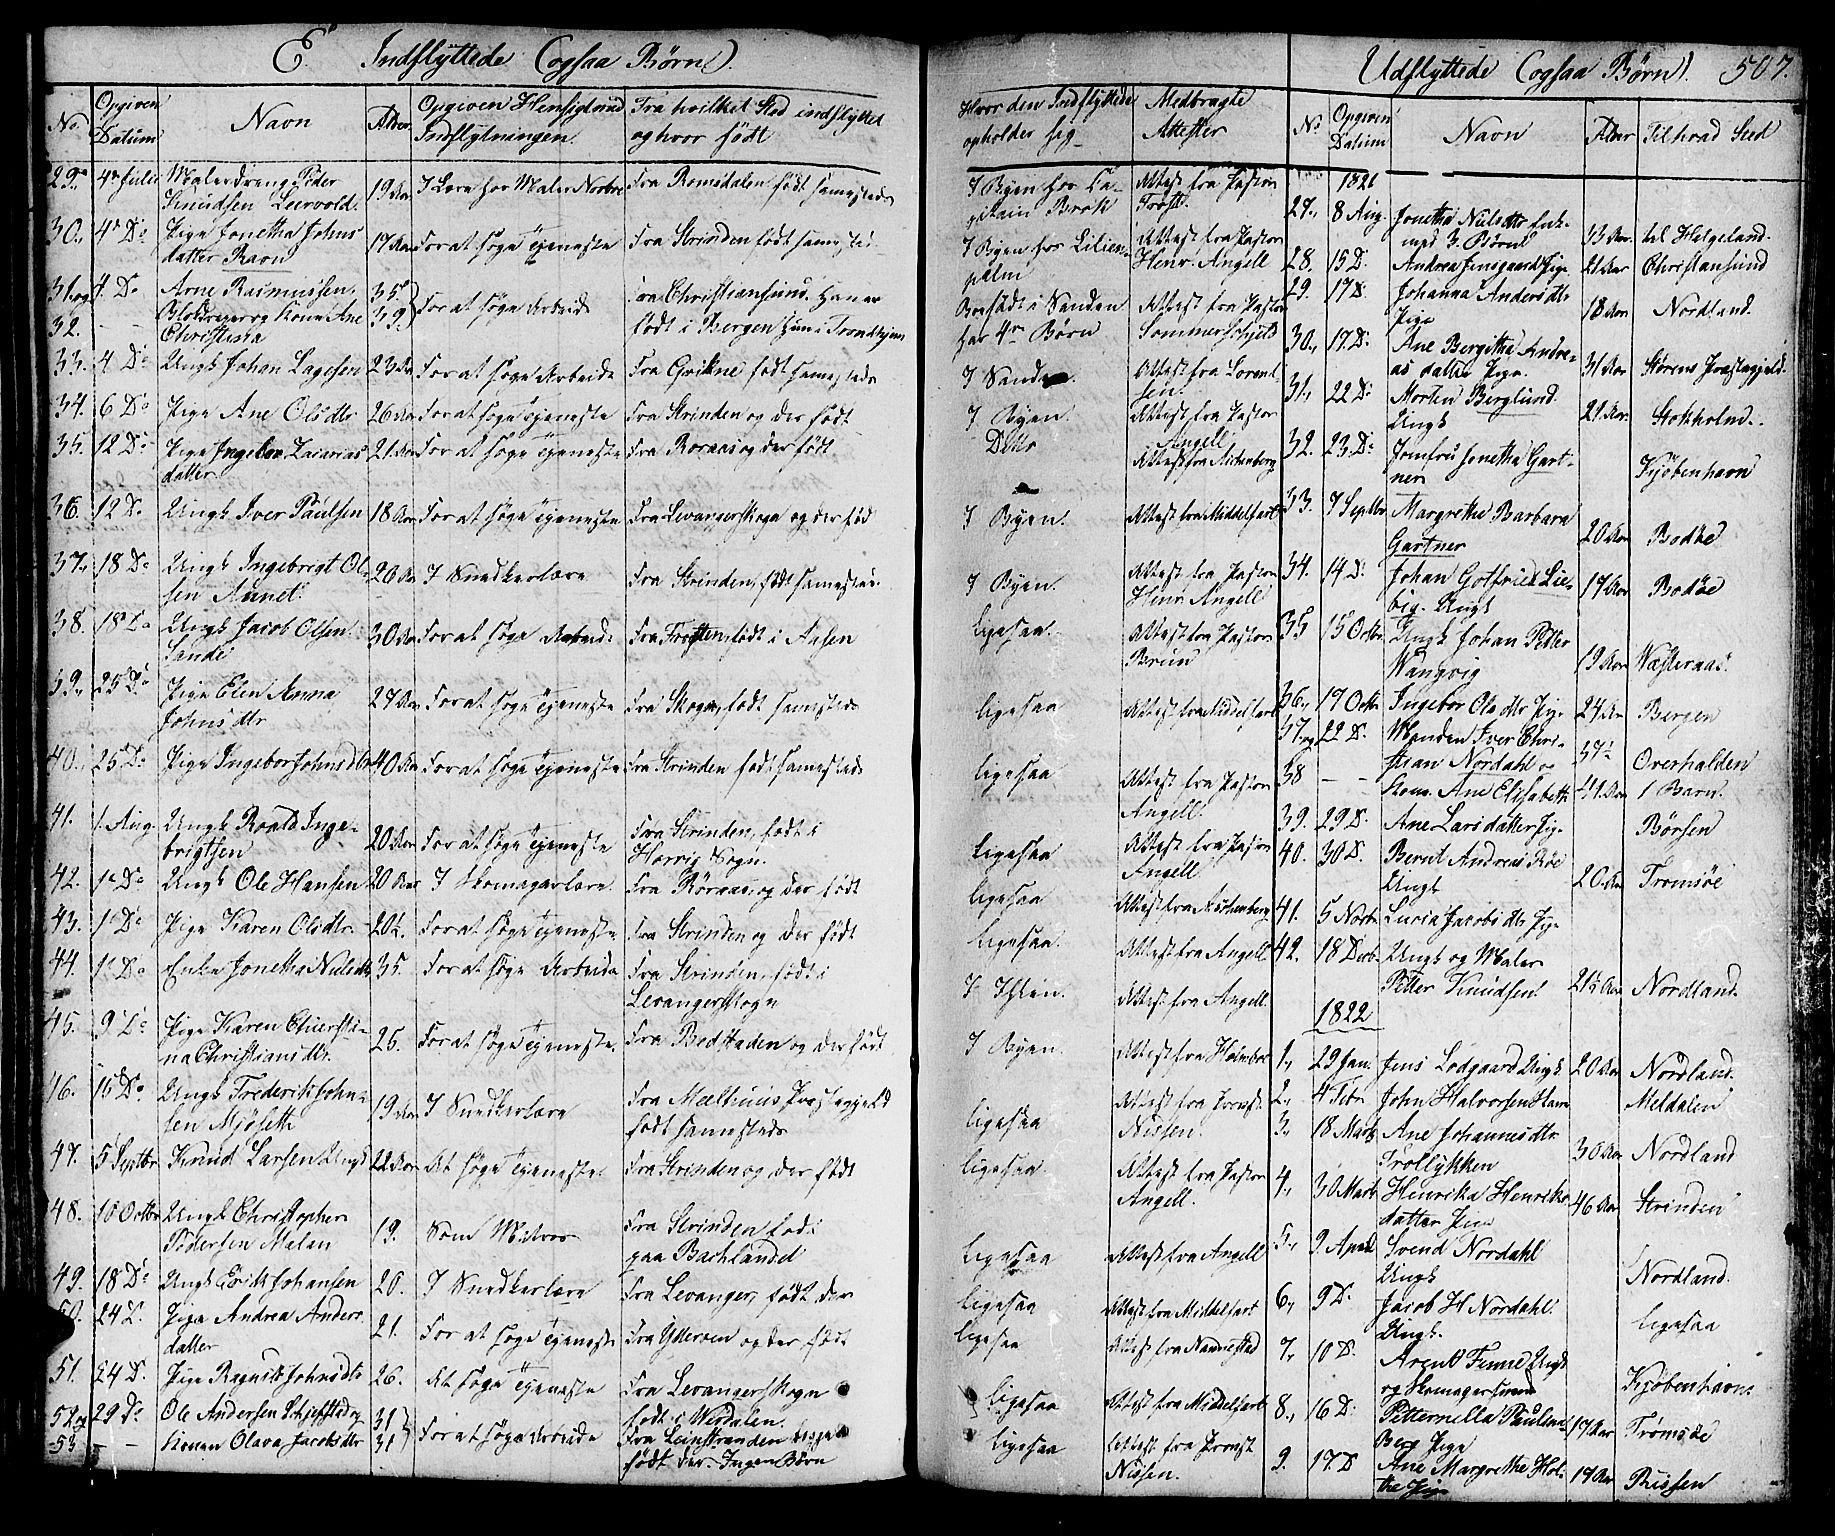 SAT, Ministerialprotokoller, klokkerbøker og fødselsregistre - Sør-Trøndelag, 601/L0045: Ministerialbok nr. 601A13, 1821-1831, s. 507